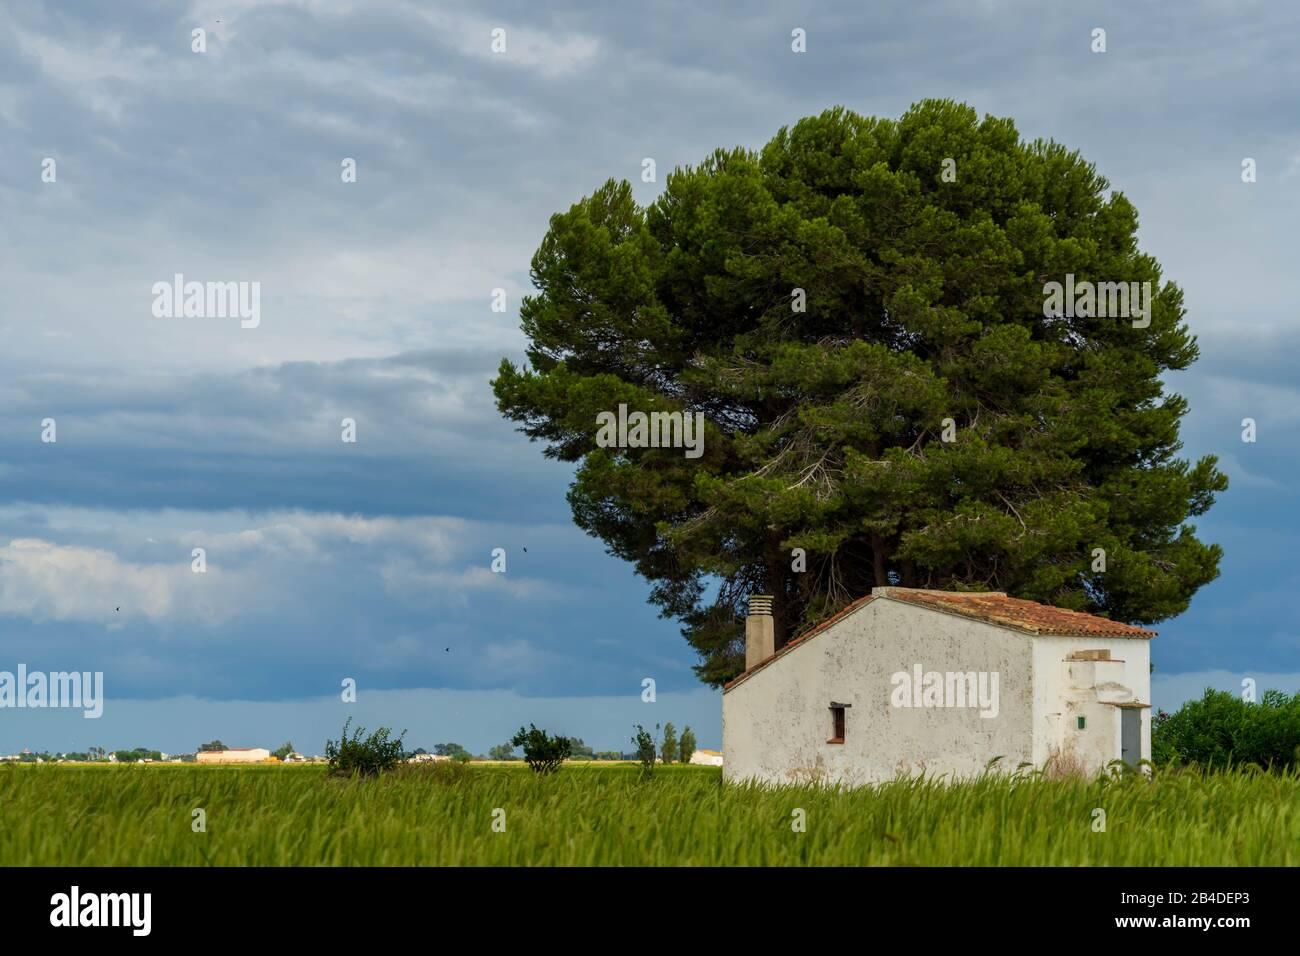 A Caretaker's Hut in the Rice Fields of Ebro River Delta Stock Photo